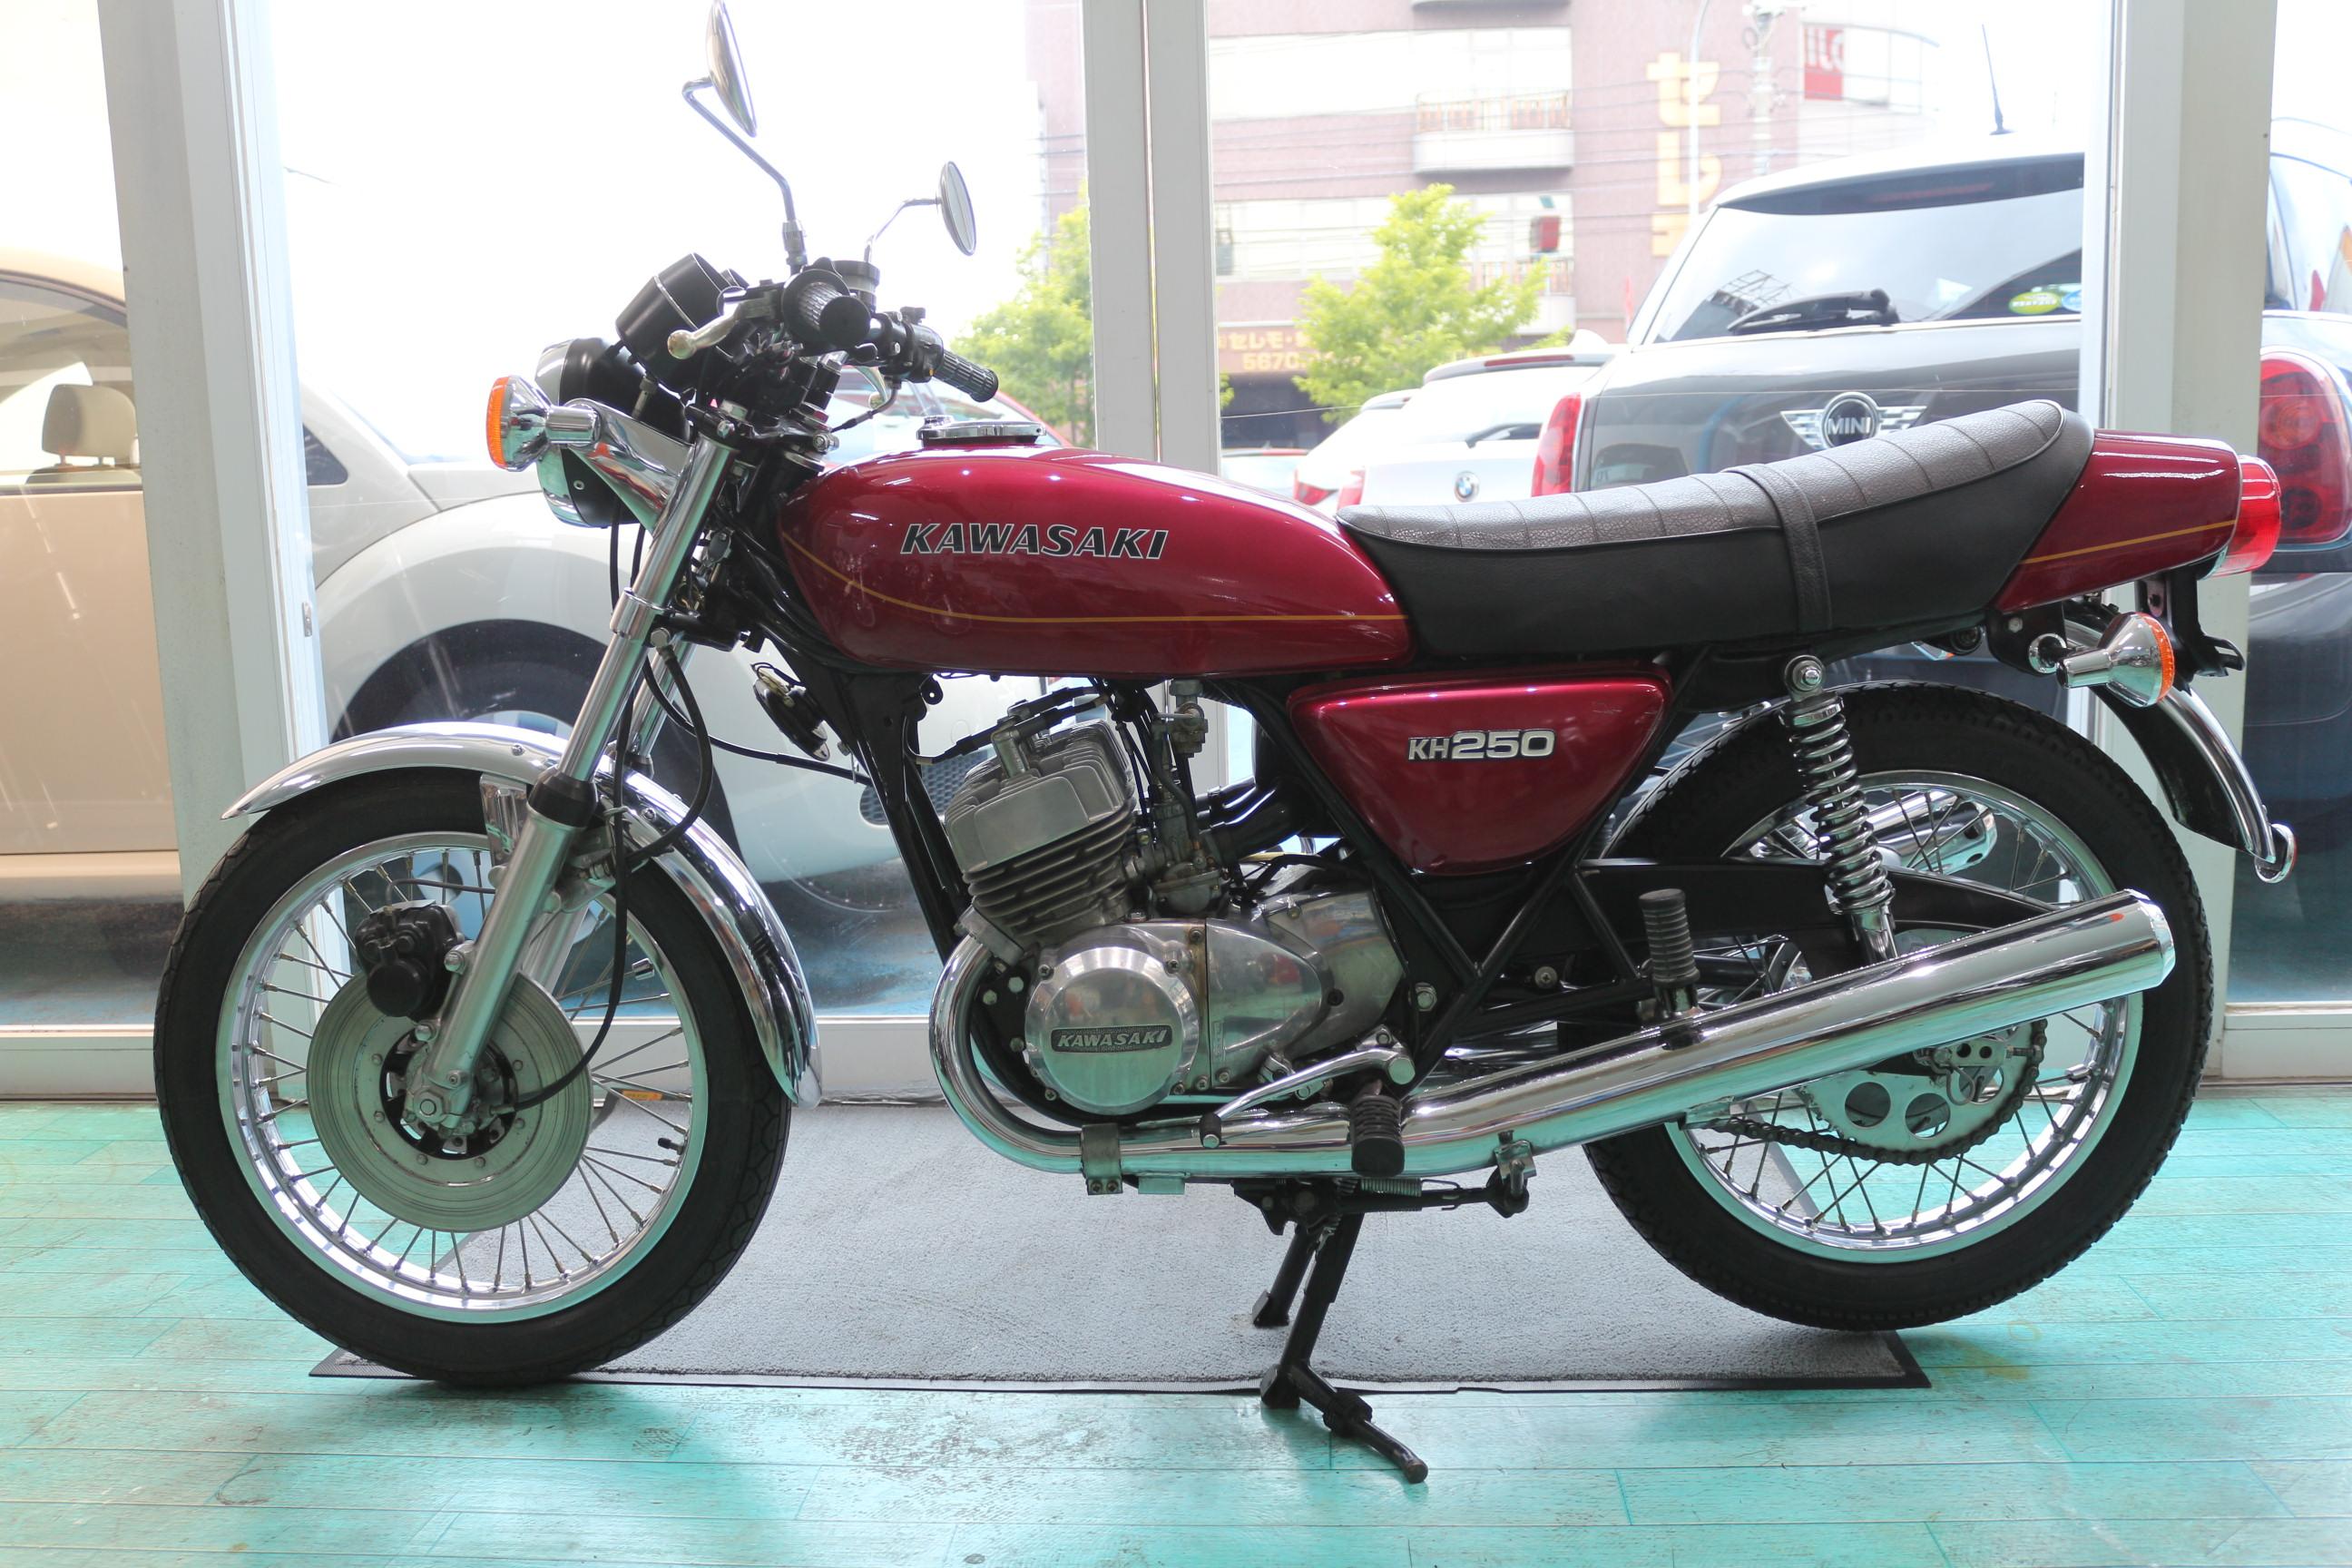 通称「ケッチ」と呼ばれるカワサキKH250